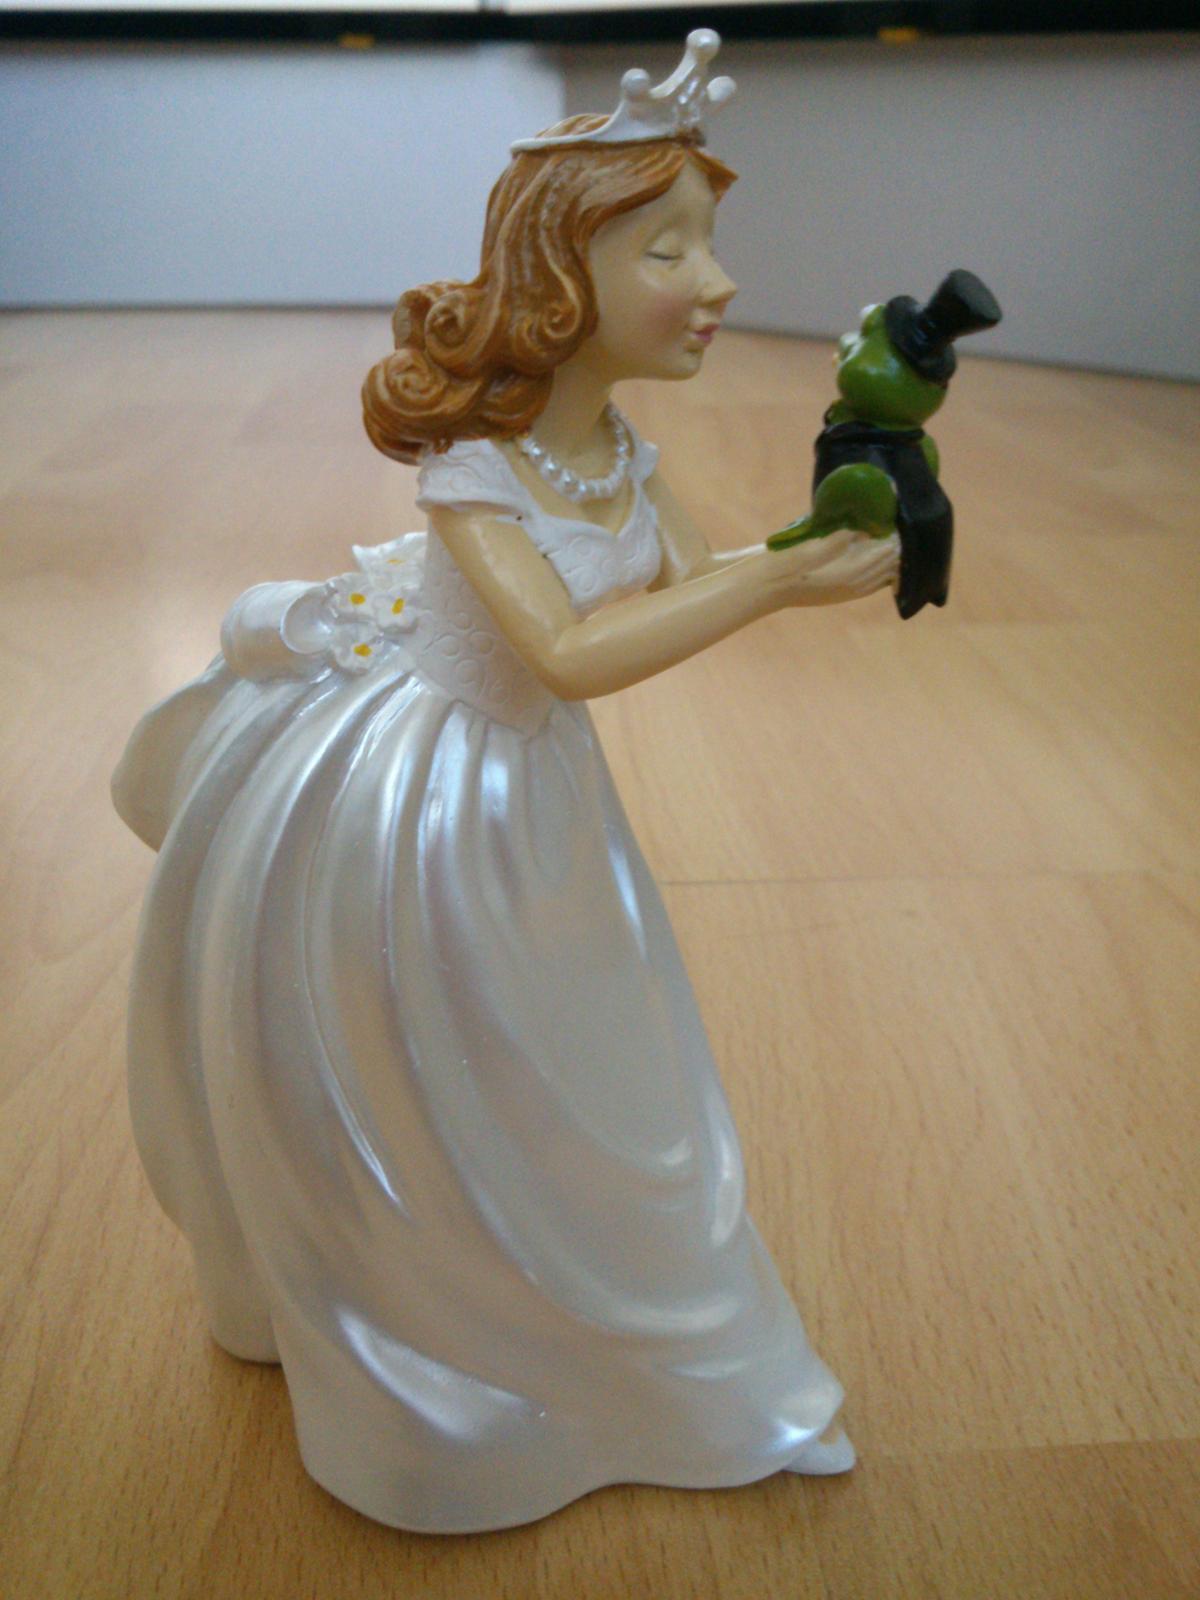 Princezna a zabiak - Obrázok č. 3